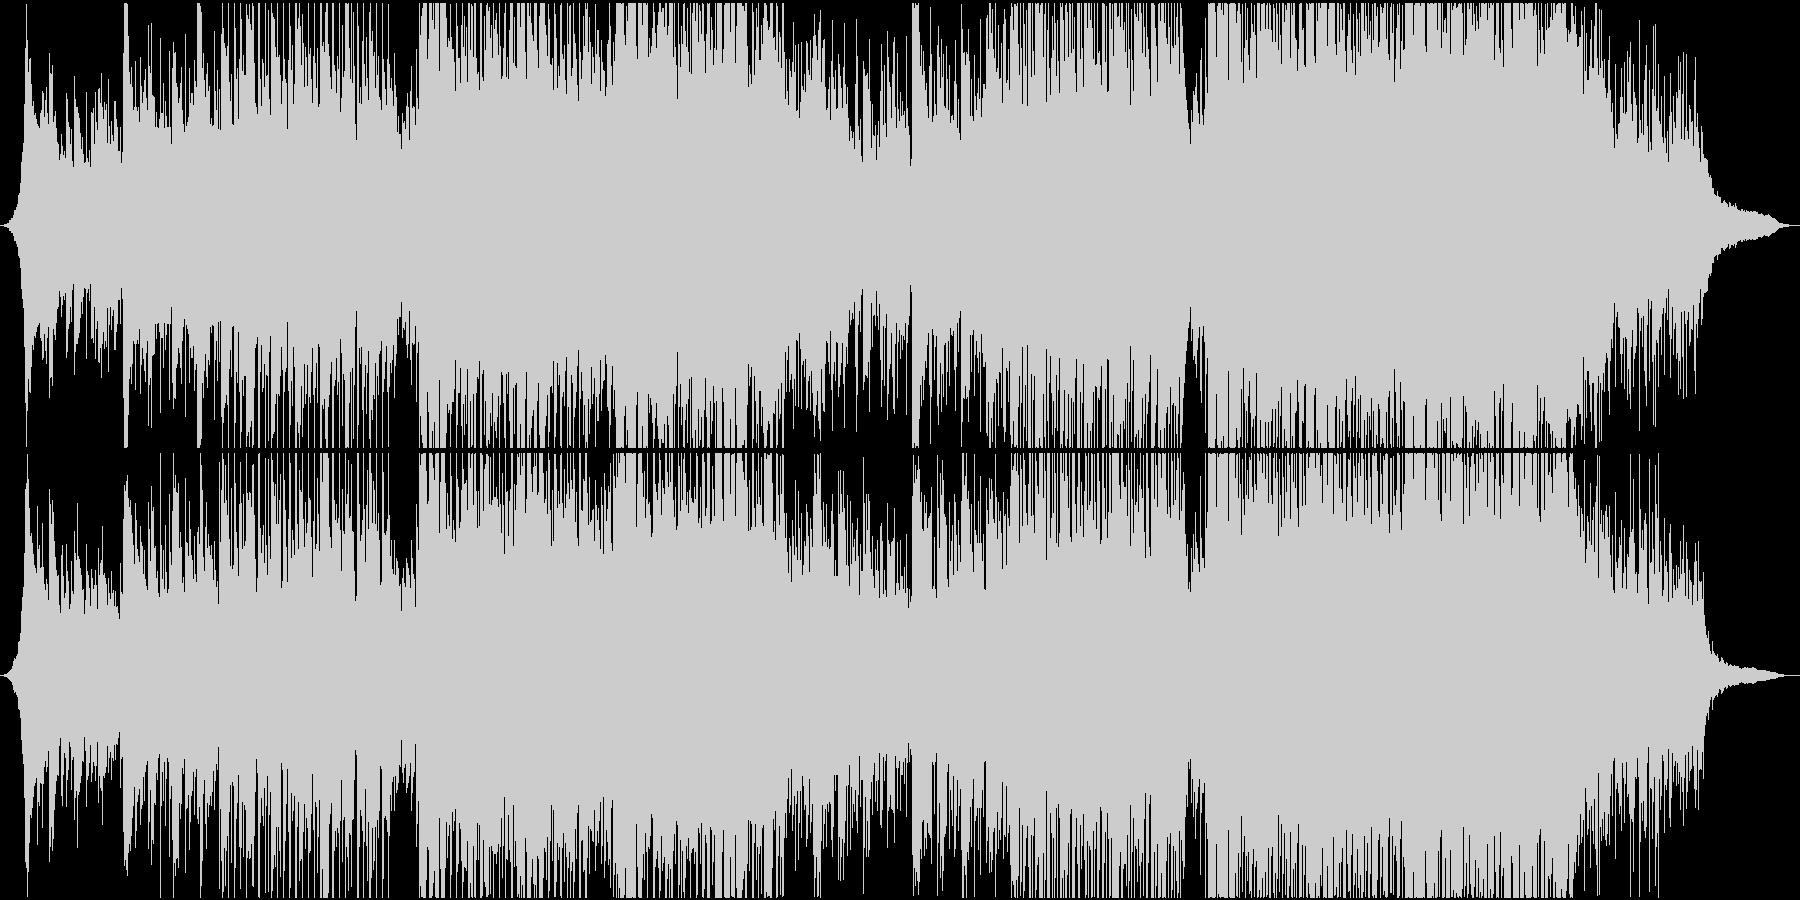 エレキギター/感動/ダンス/企業VPの未再生の波形